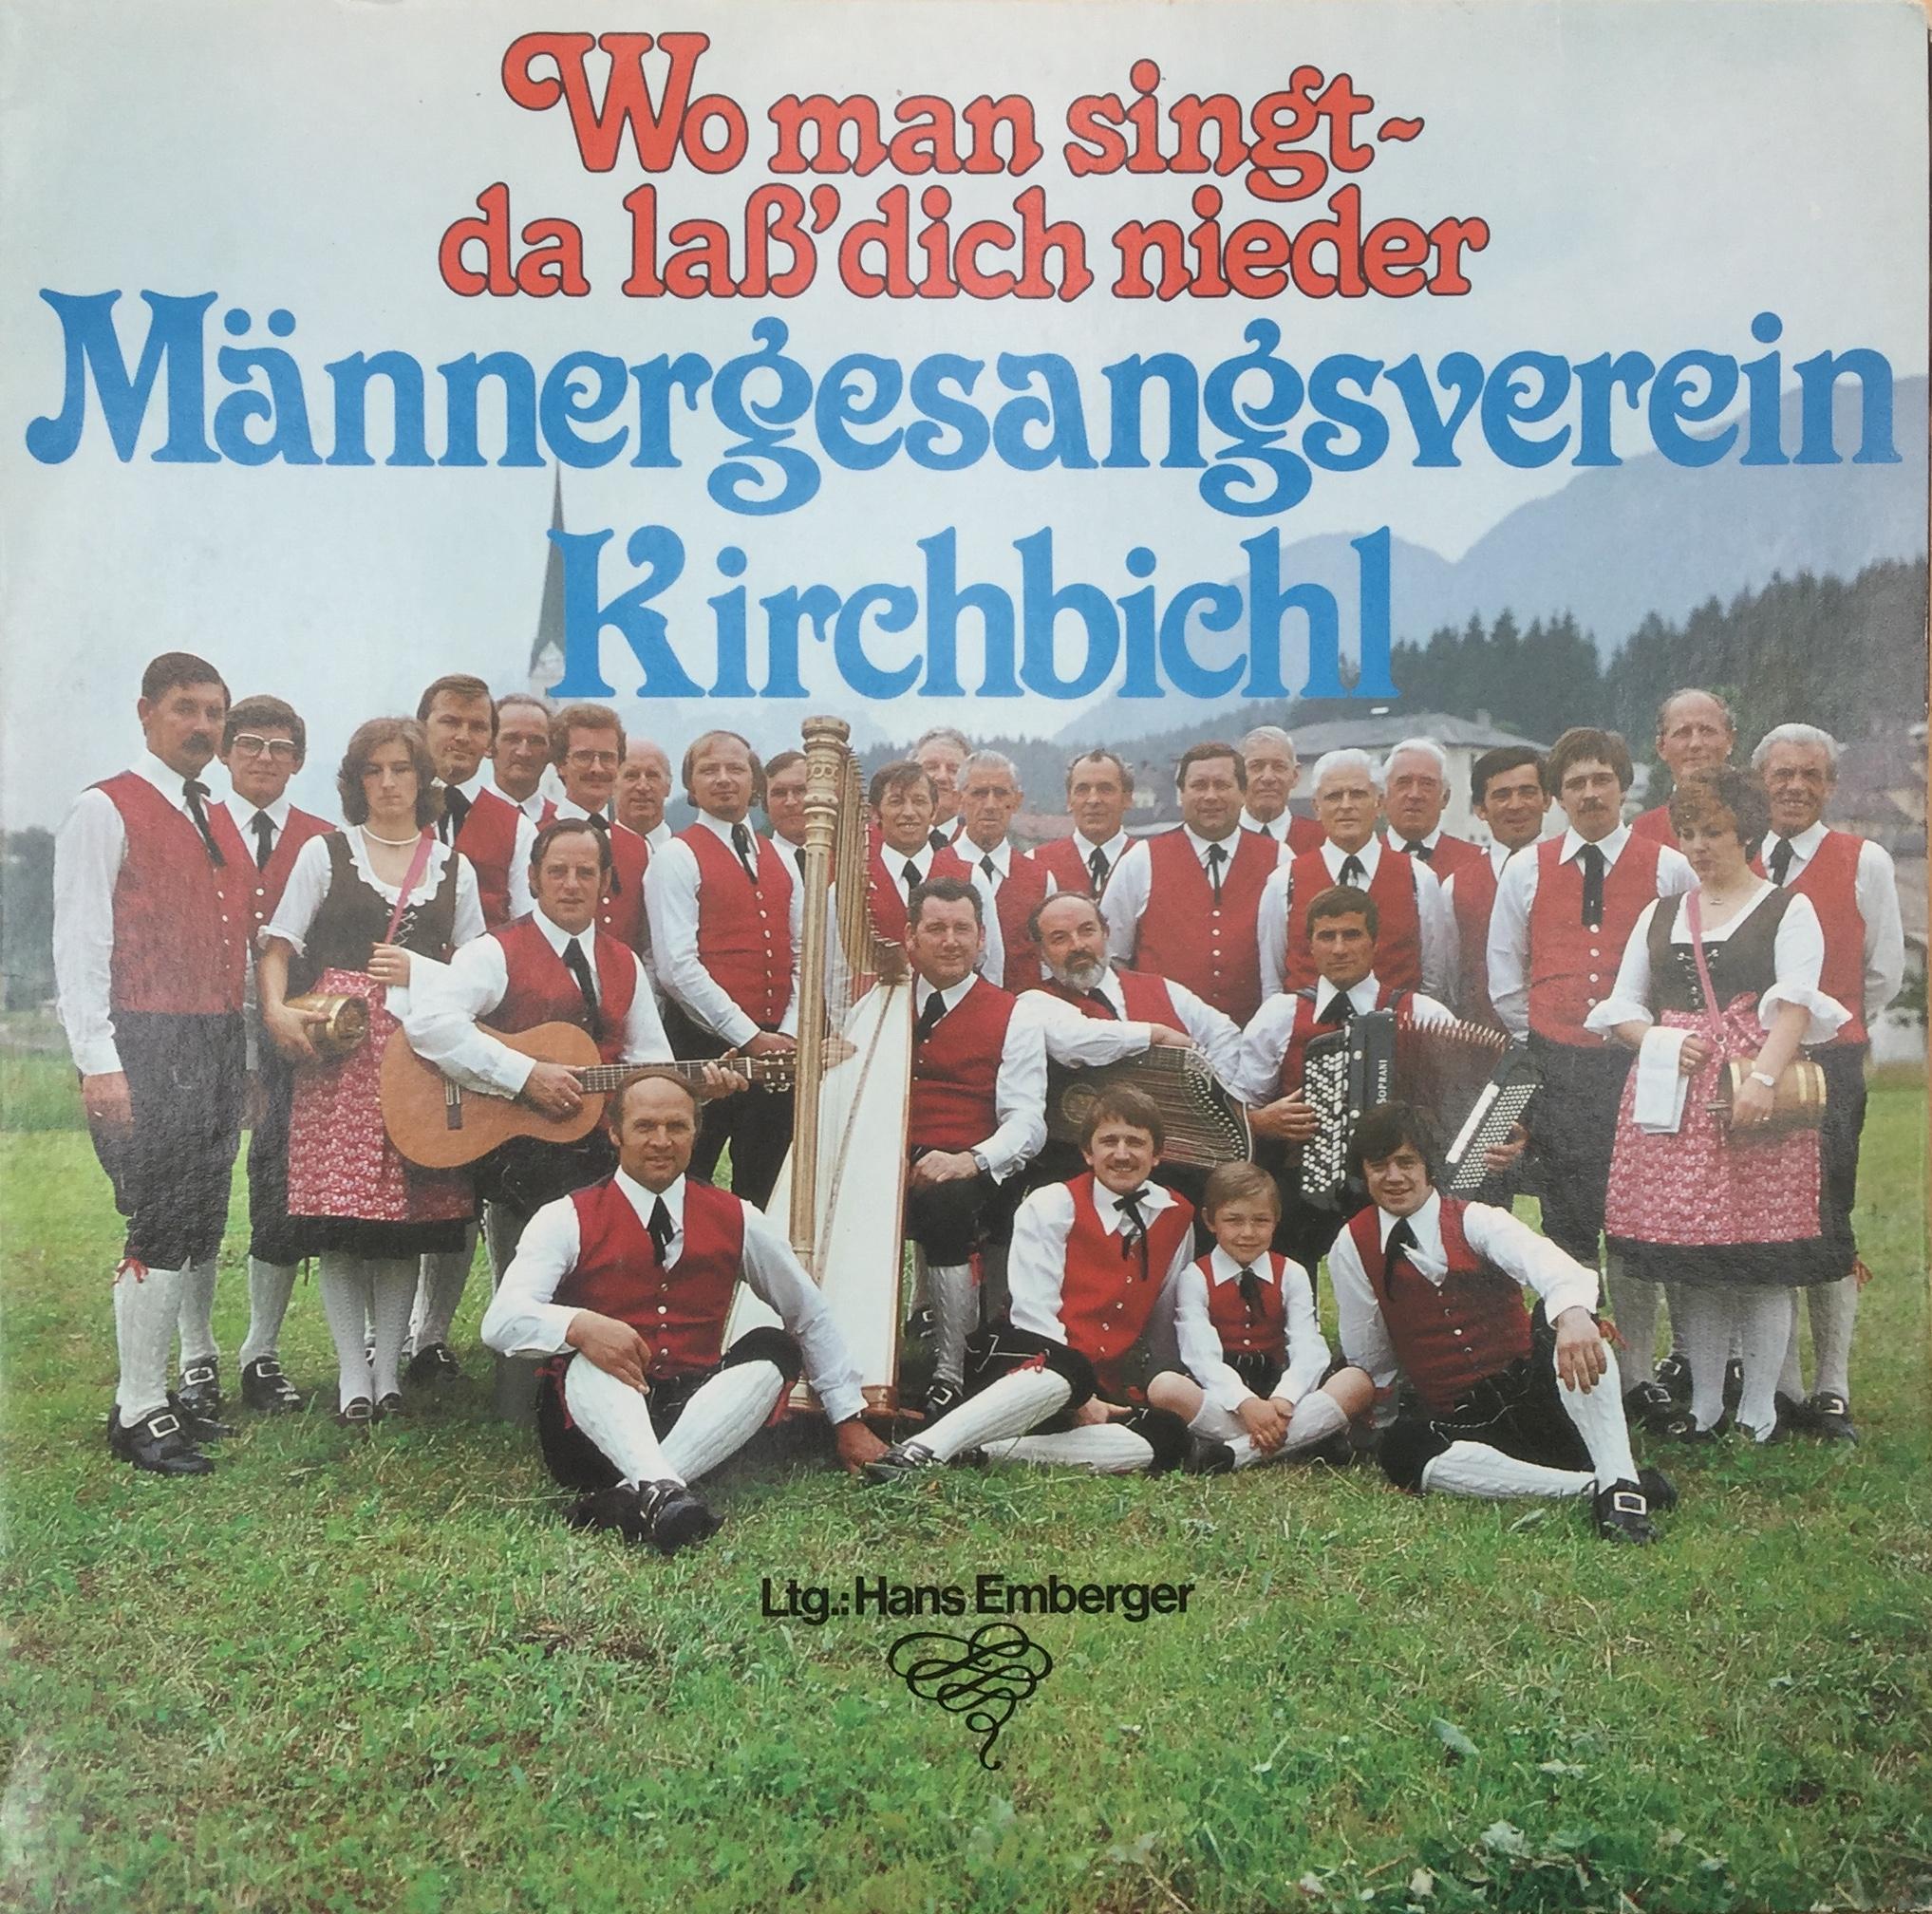 MannergesangsvereinKirchbichl